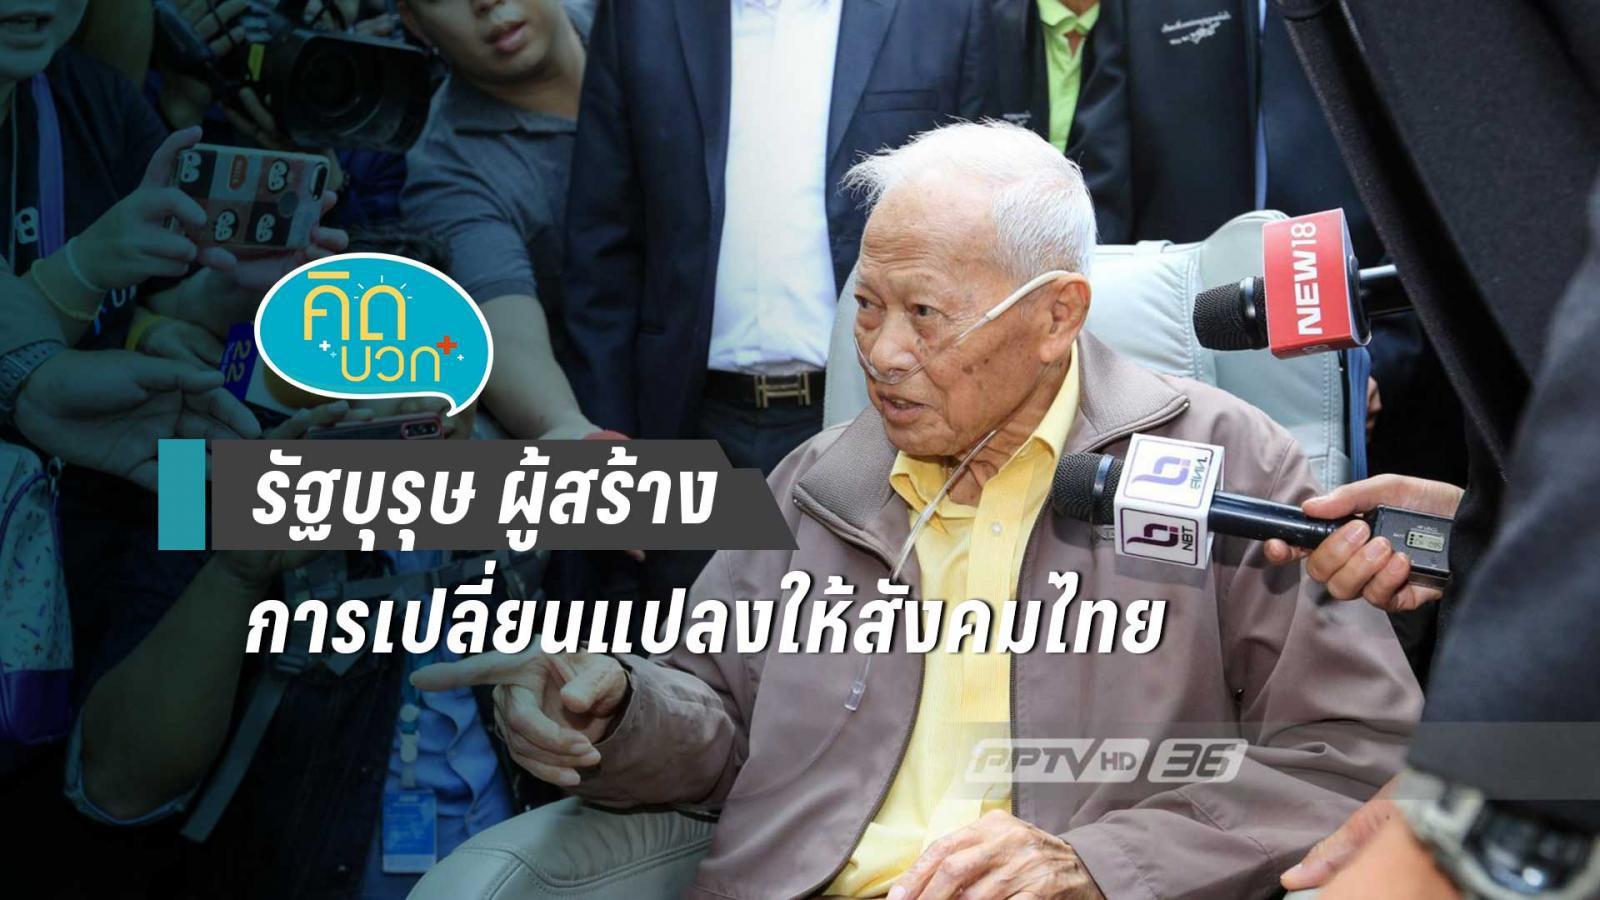 รัฐบุรุษ ผู้สร้างการเปลี่ยนแปลงให้สังคมไทย